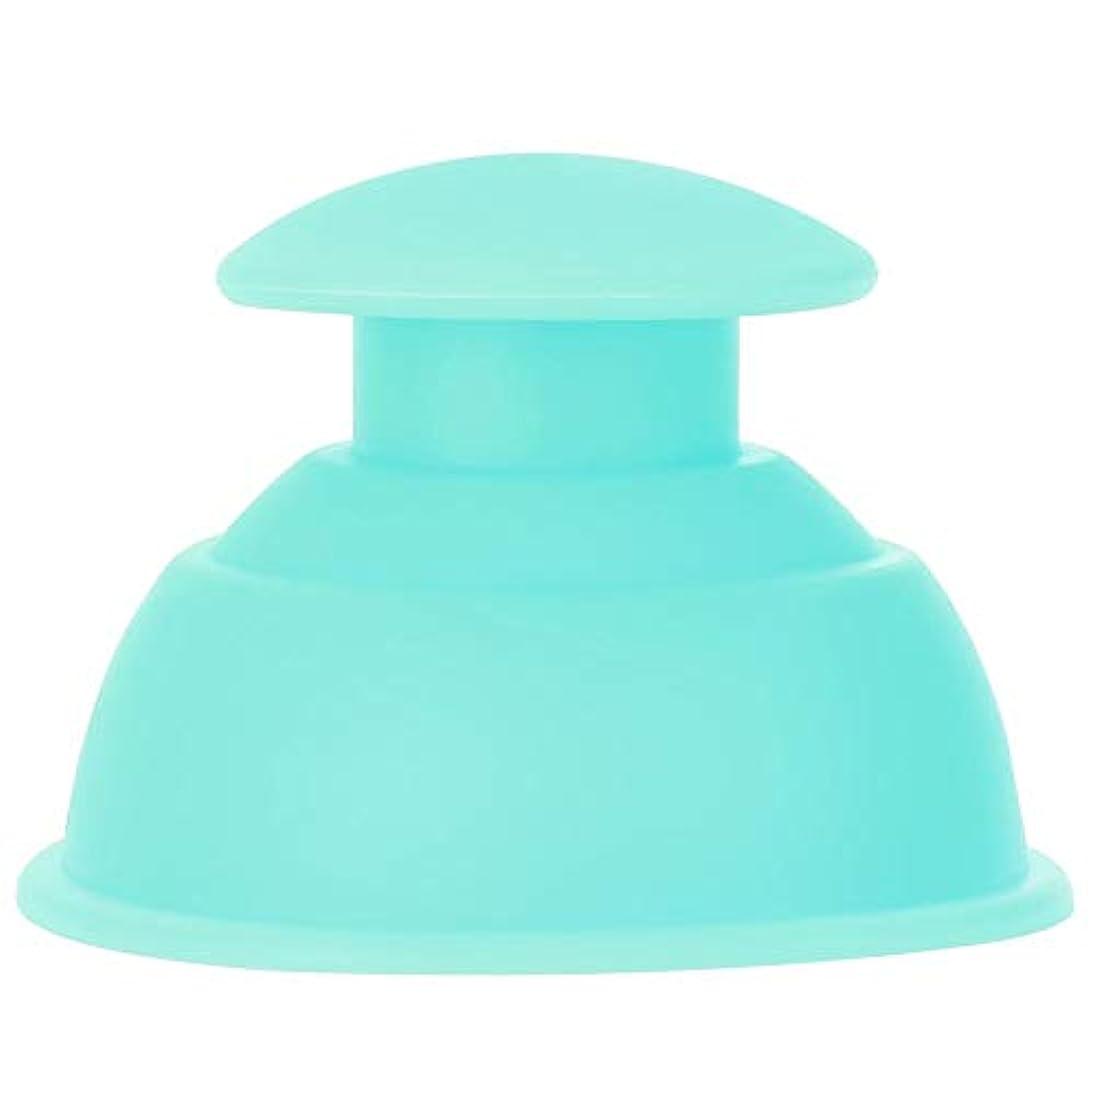 橋マサッチョドラマ7種類のカッピングカップマッサージセット、シリコーン水分吸収剤アンチセルライトバキュームによる 全身疲れの緩和(グリーン)